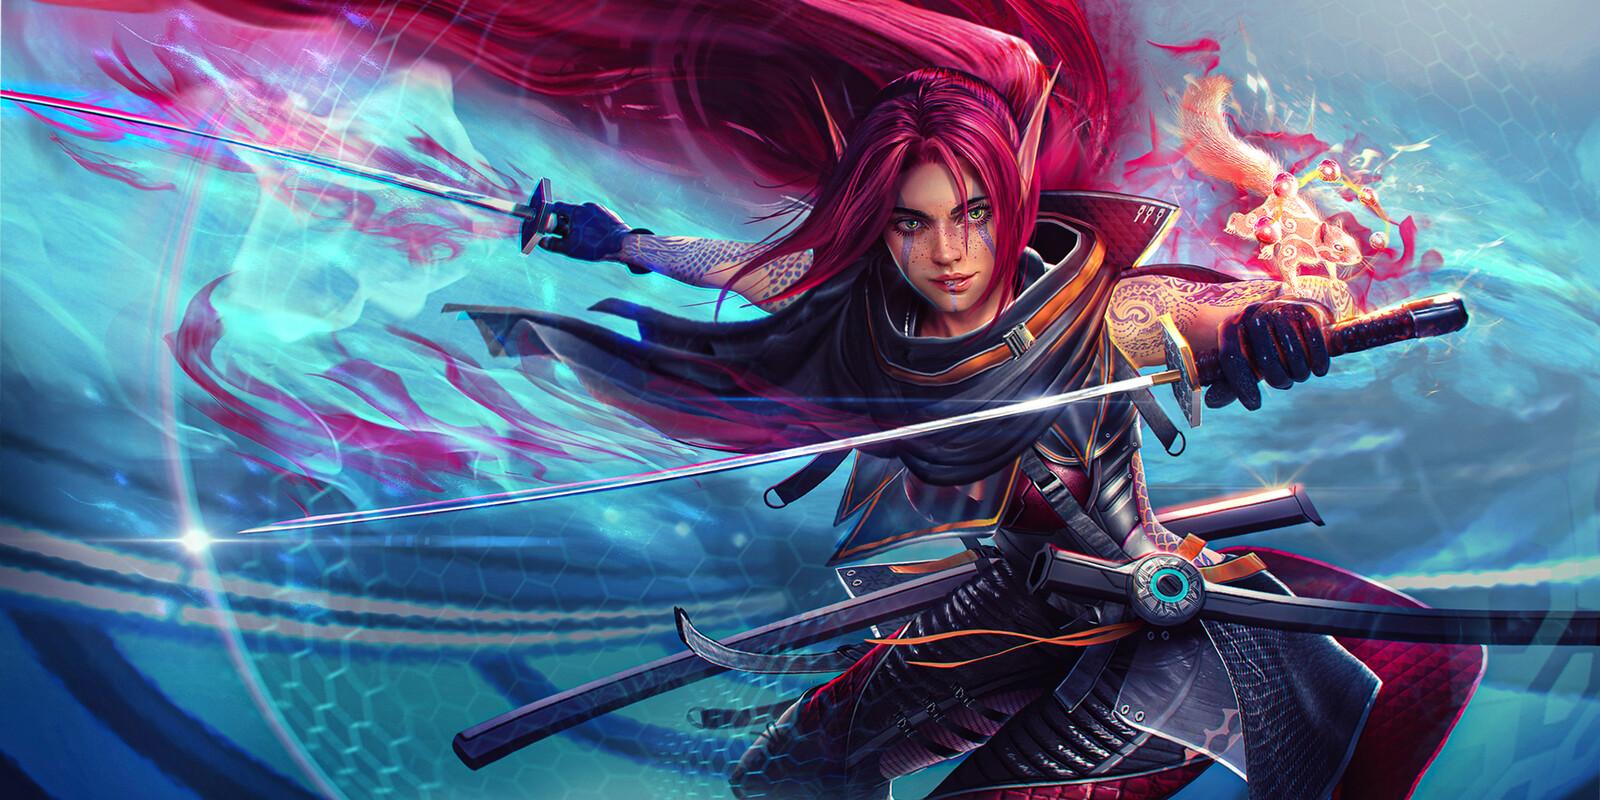 ALLIRA - Shadowrun Splash Art